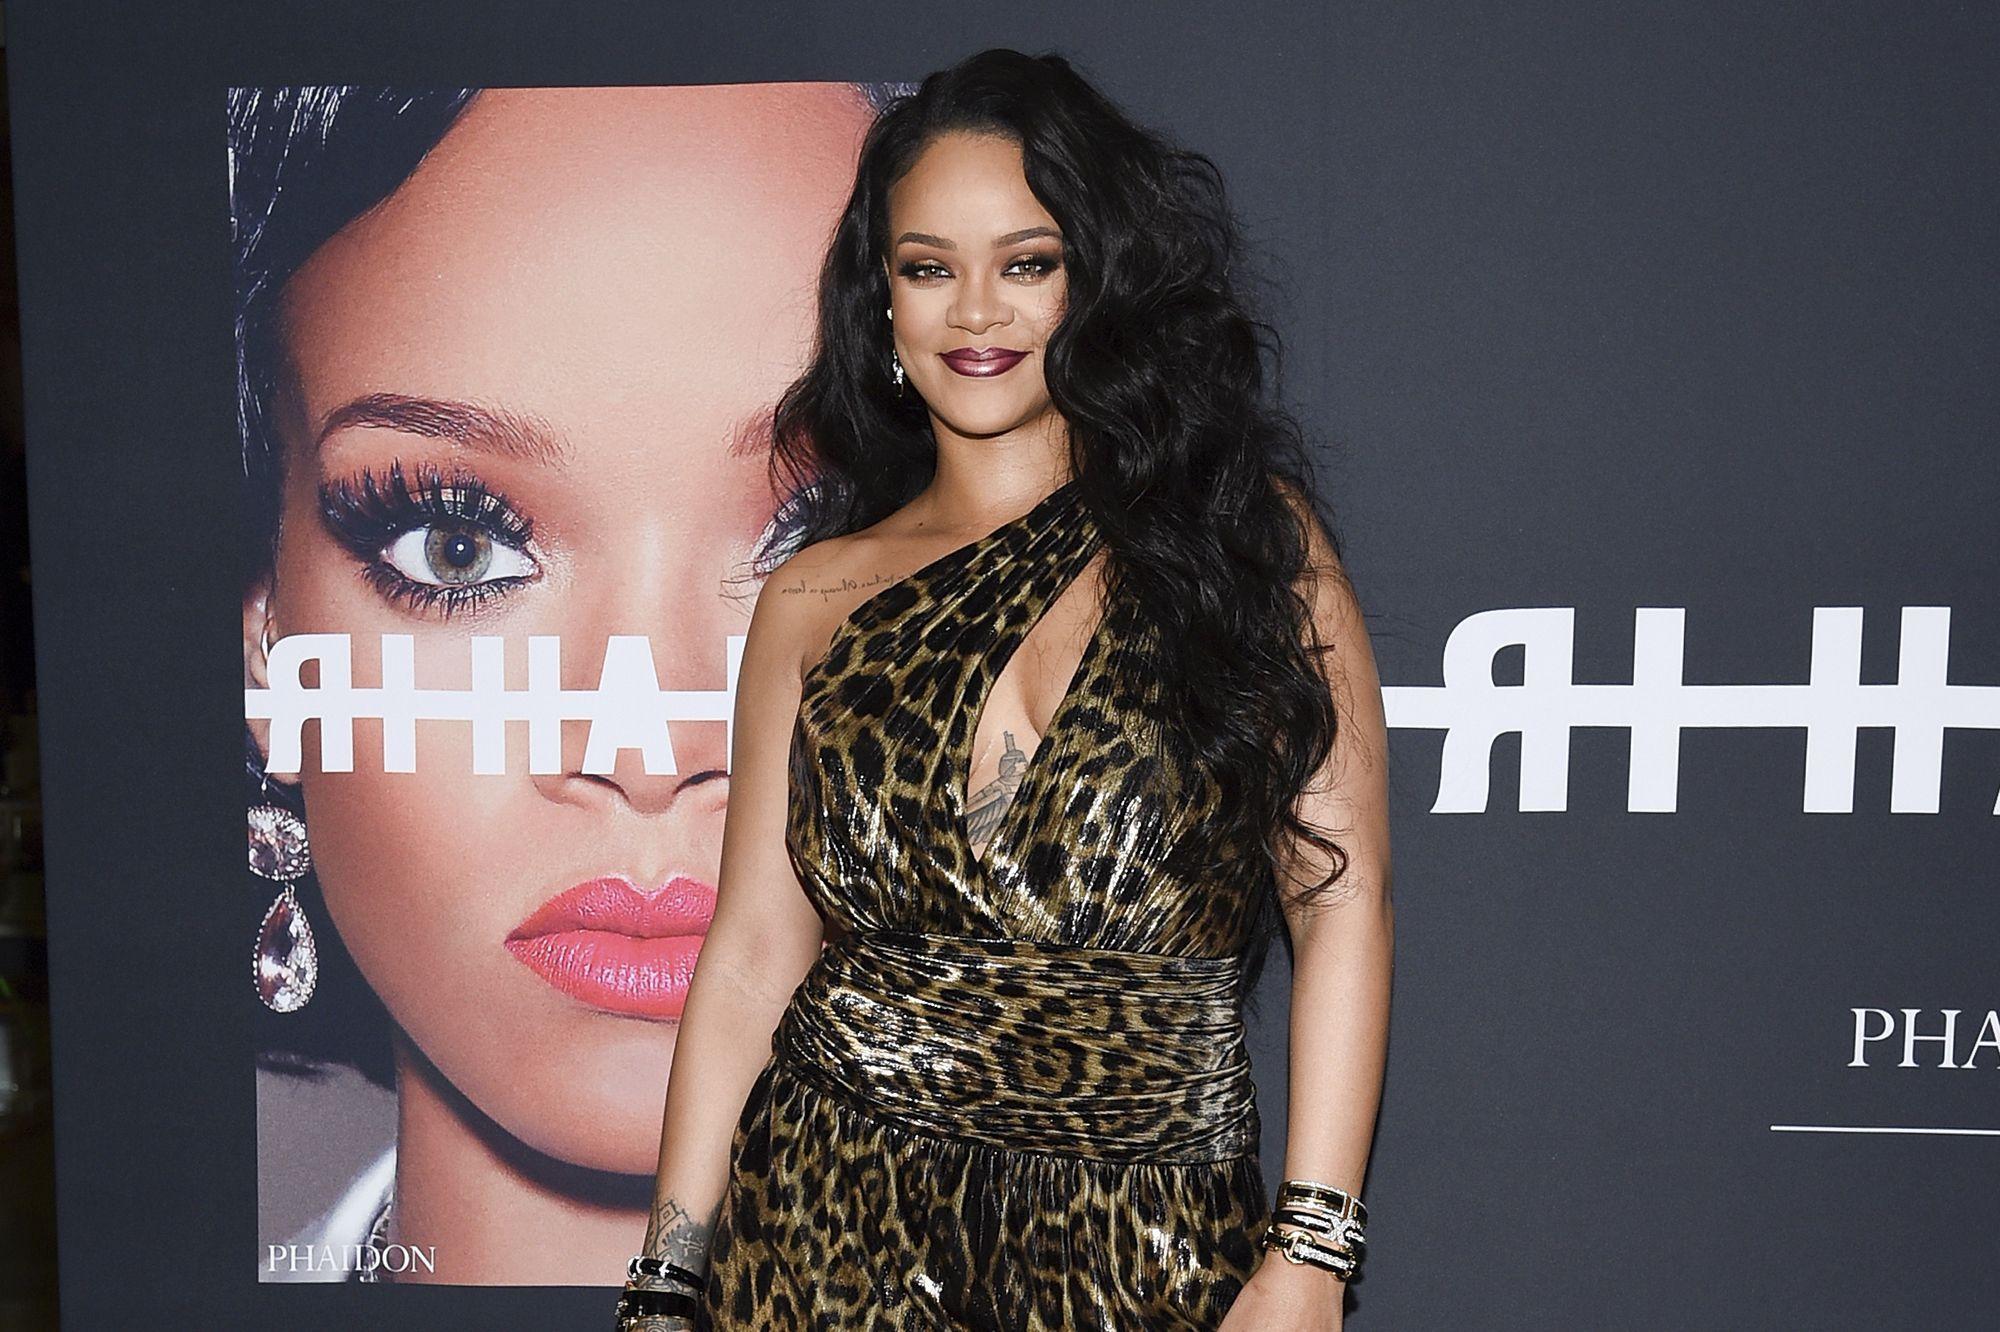 Rihanna En Robe Panthere Decolletee Pour Le Lancement De Son